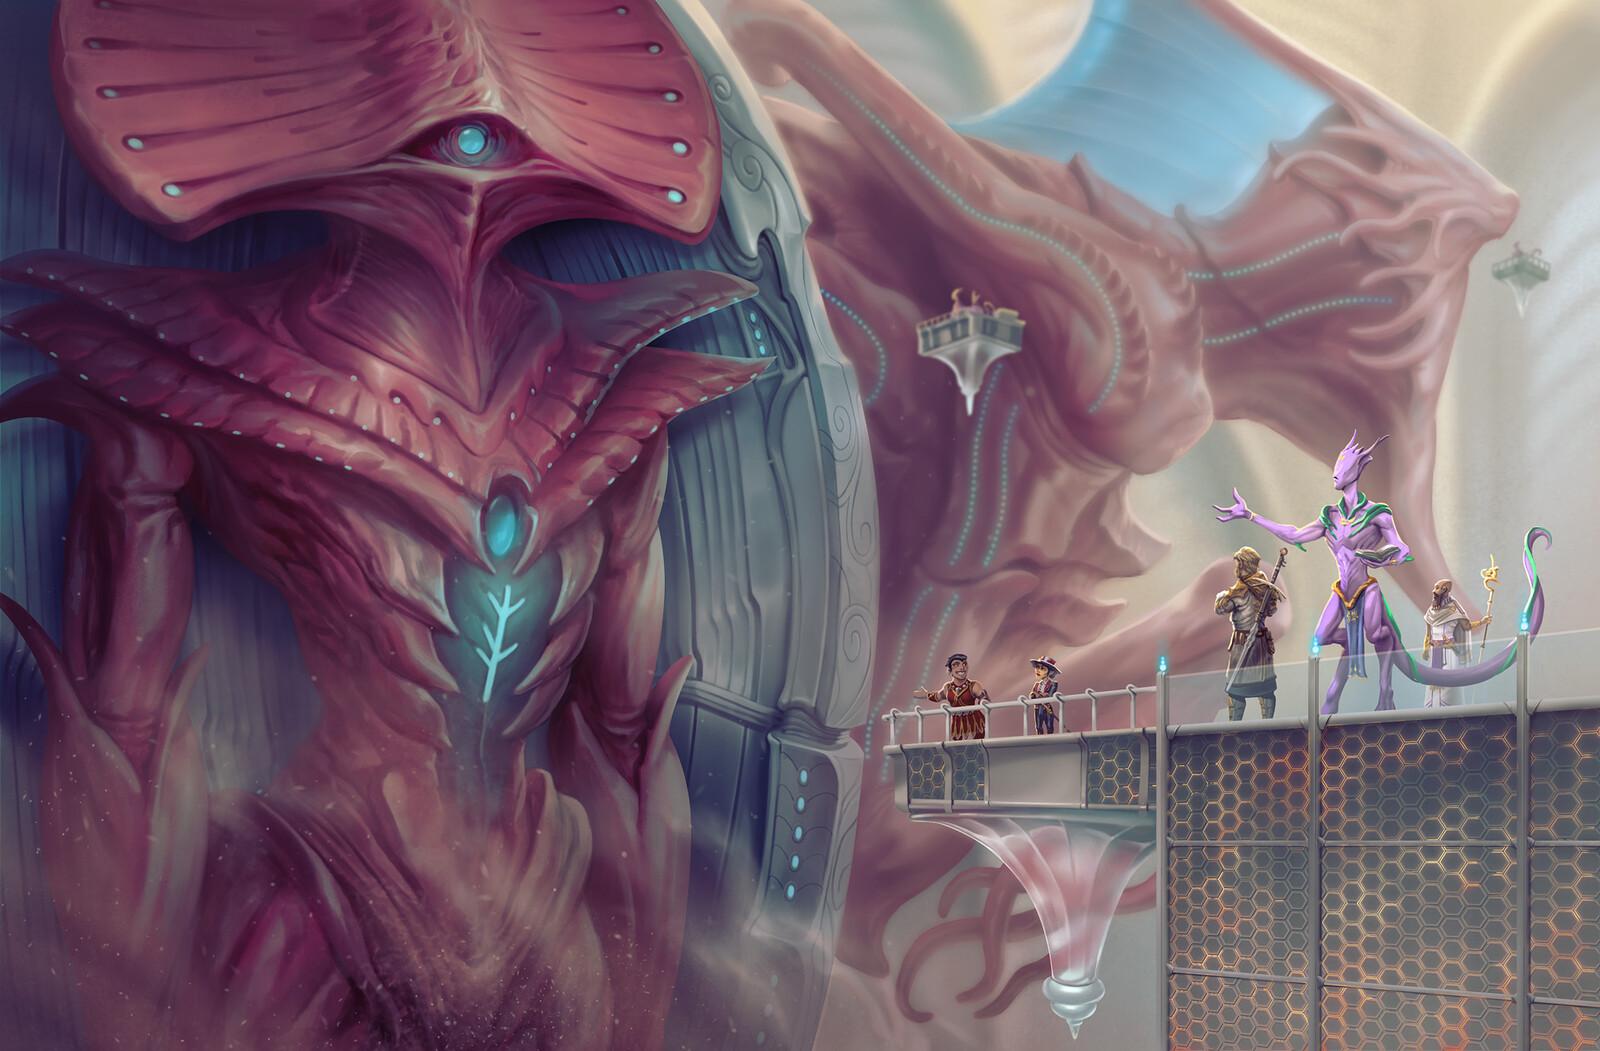 Cthulhu Mythos Maps and Illustrations